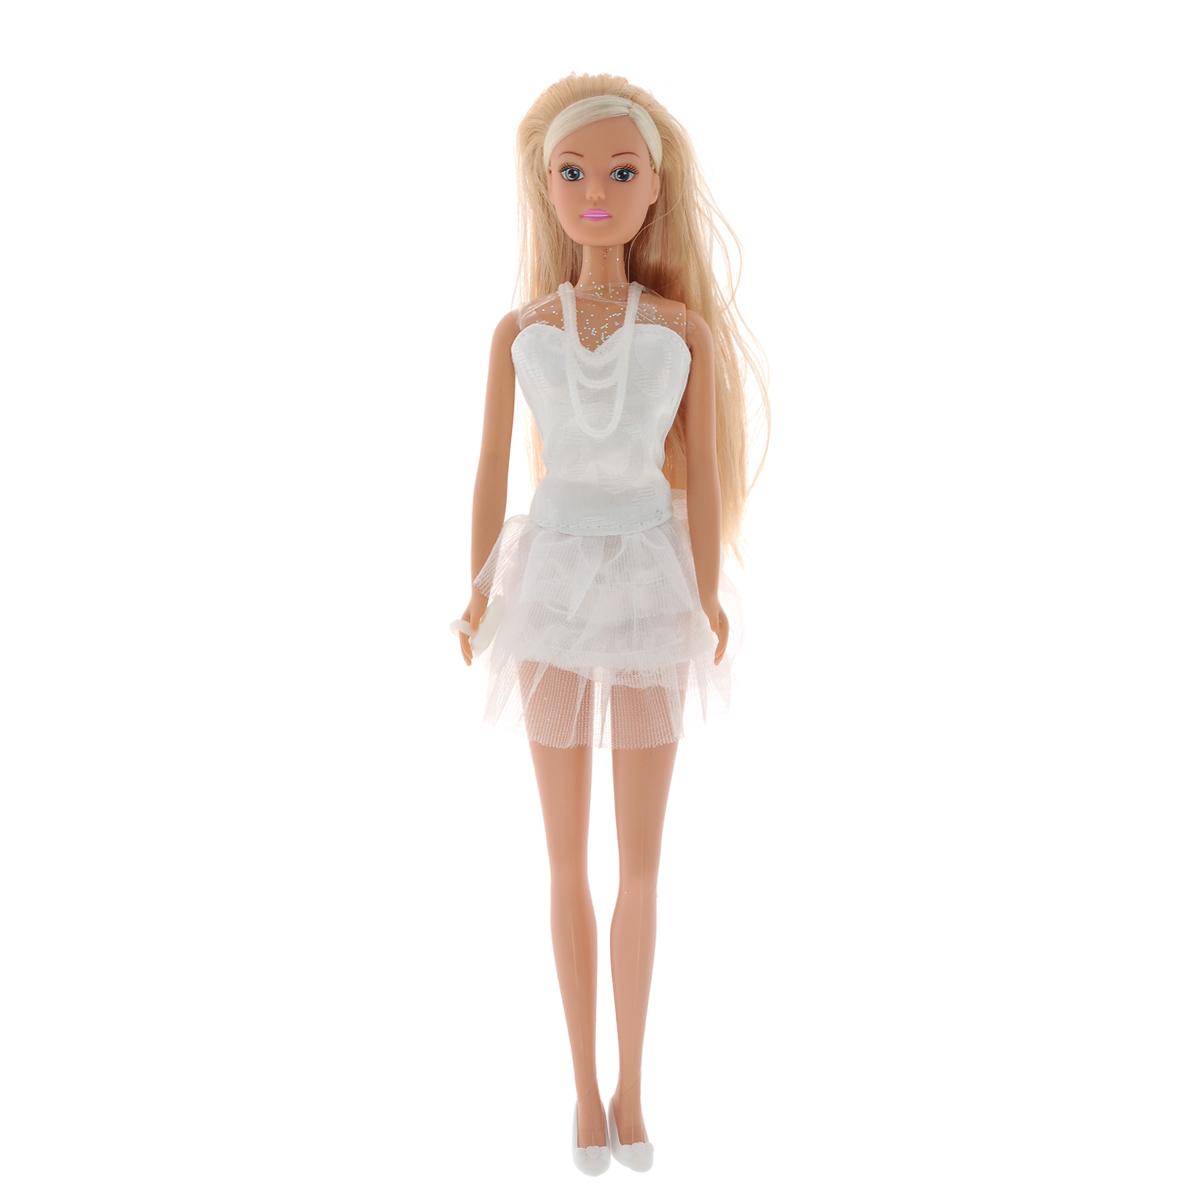 Simba Кукла Steffi Love White Party5730662Кукла Simba Steffi Love. White Party надолго займет внимание вашей малышки и подарит ей множество счастливых мгновений. Кукла изготовлена из пластика, ее голова, ручки и ножки подвижны, что позволяет придавать ей разнообразные позы. В комплект входит сумочка-клатч для куклы. Красавица Штеффи отправилась на прогулку по пляжу! Куколка одета в легкое белоснежное платье без бретелек, с пышной юбкой. Наряд дополняет длинное белое ожерелье и изящные туфельки. Чудесные длинные волосы куклы так весело расчесывать и создавать из них всевозможные прически, плести косички, жгутики и хвостики. Благодаря играм с куклой, ваша малышка сможет развить фантазию и любознательность, овладеть навыками общения и научиться ответственности, а дополнительные аксессуары сделают игру еще увлекательнее. Порадуйте свою принцессу таким прекрасным подарком!